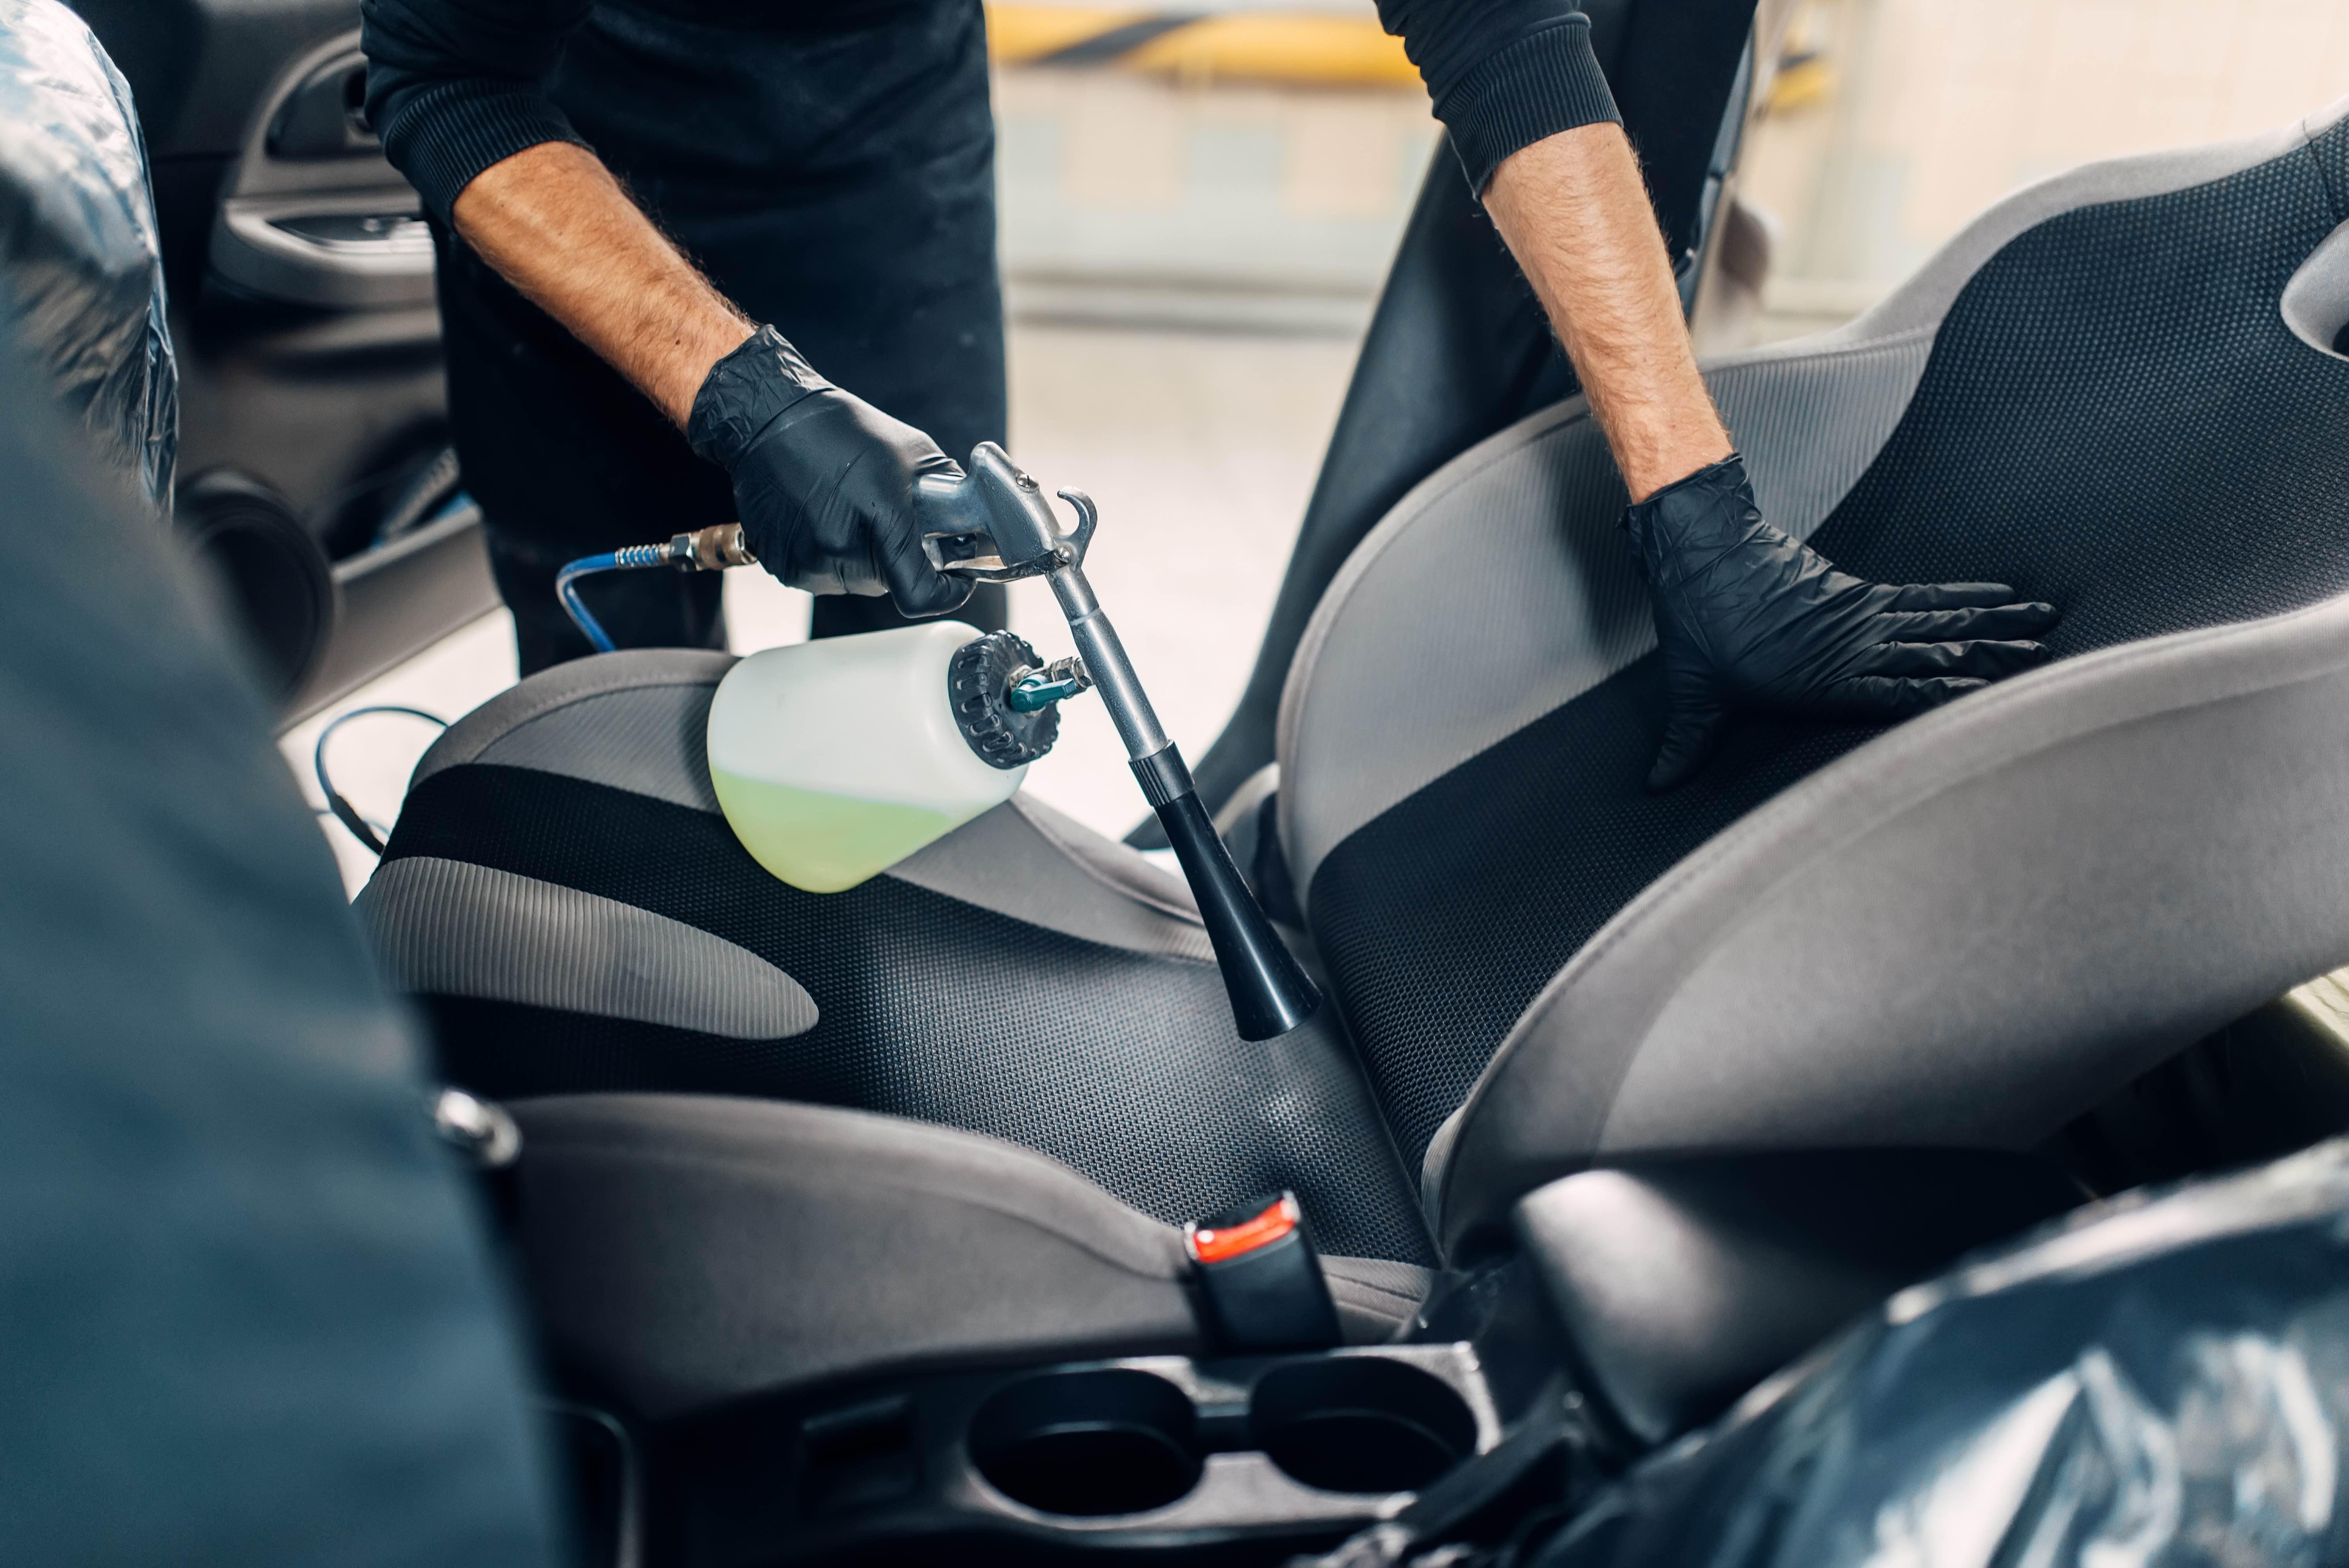 Fahrzeuginnenreinigung mit desinfizierendem Dampf und Reinigungsmitteln